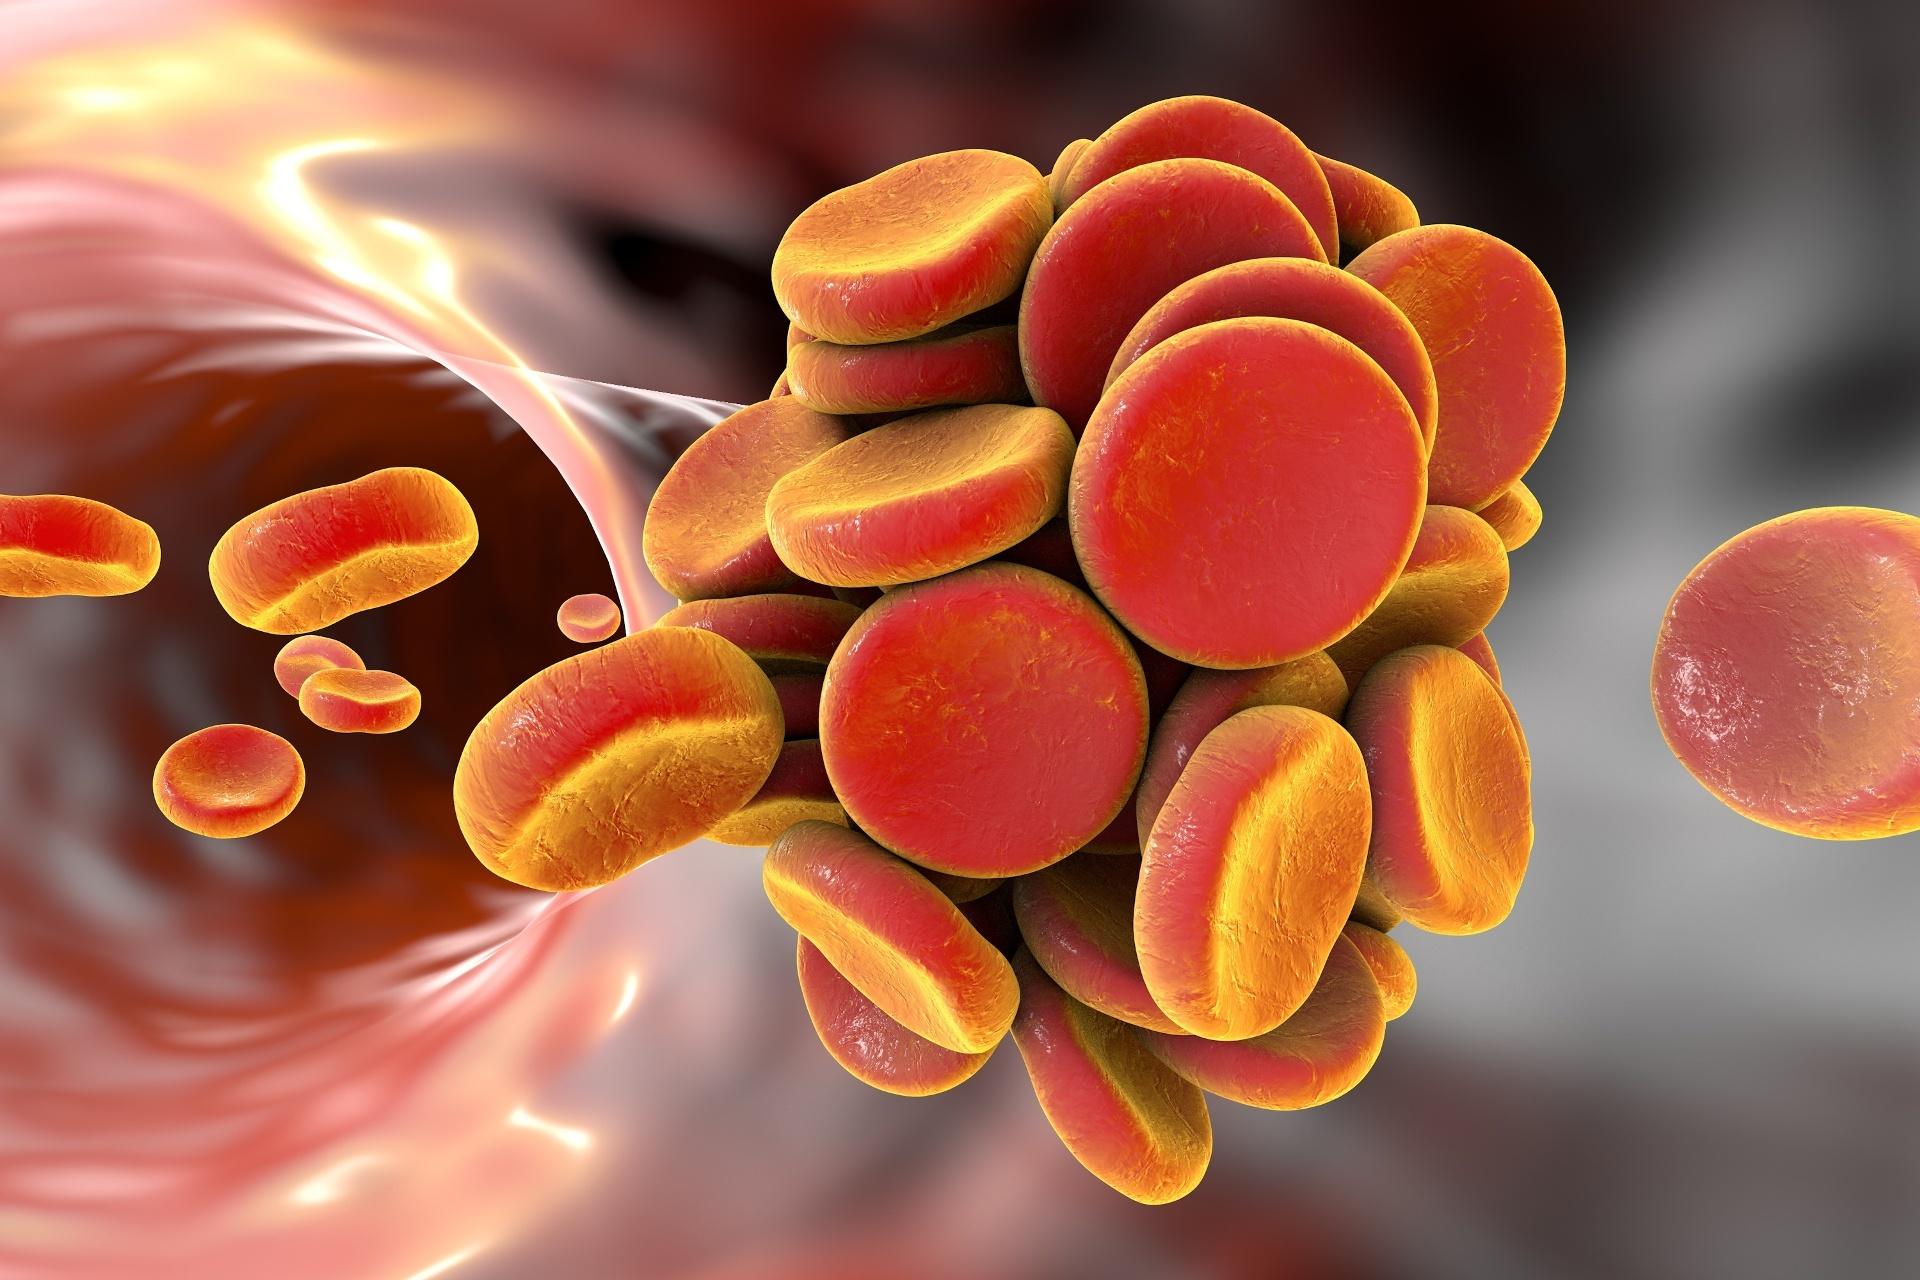 pesquisa da mutação da protrombina G20210A trombofilia hereditária perdas gestacionais trombose